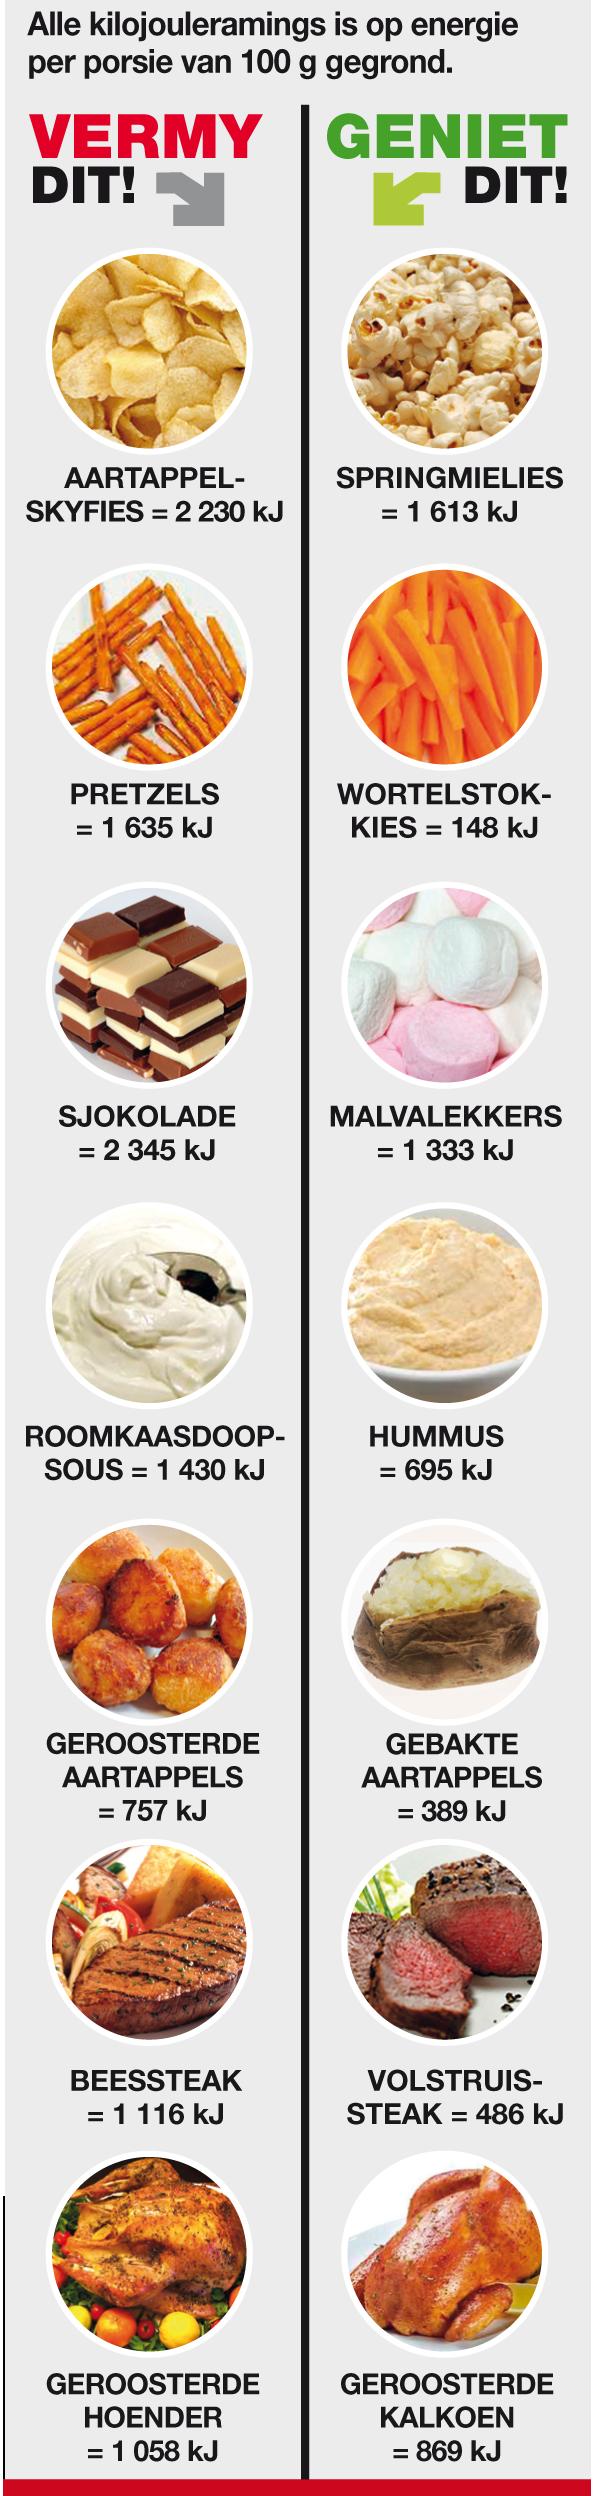 kilojoules